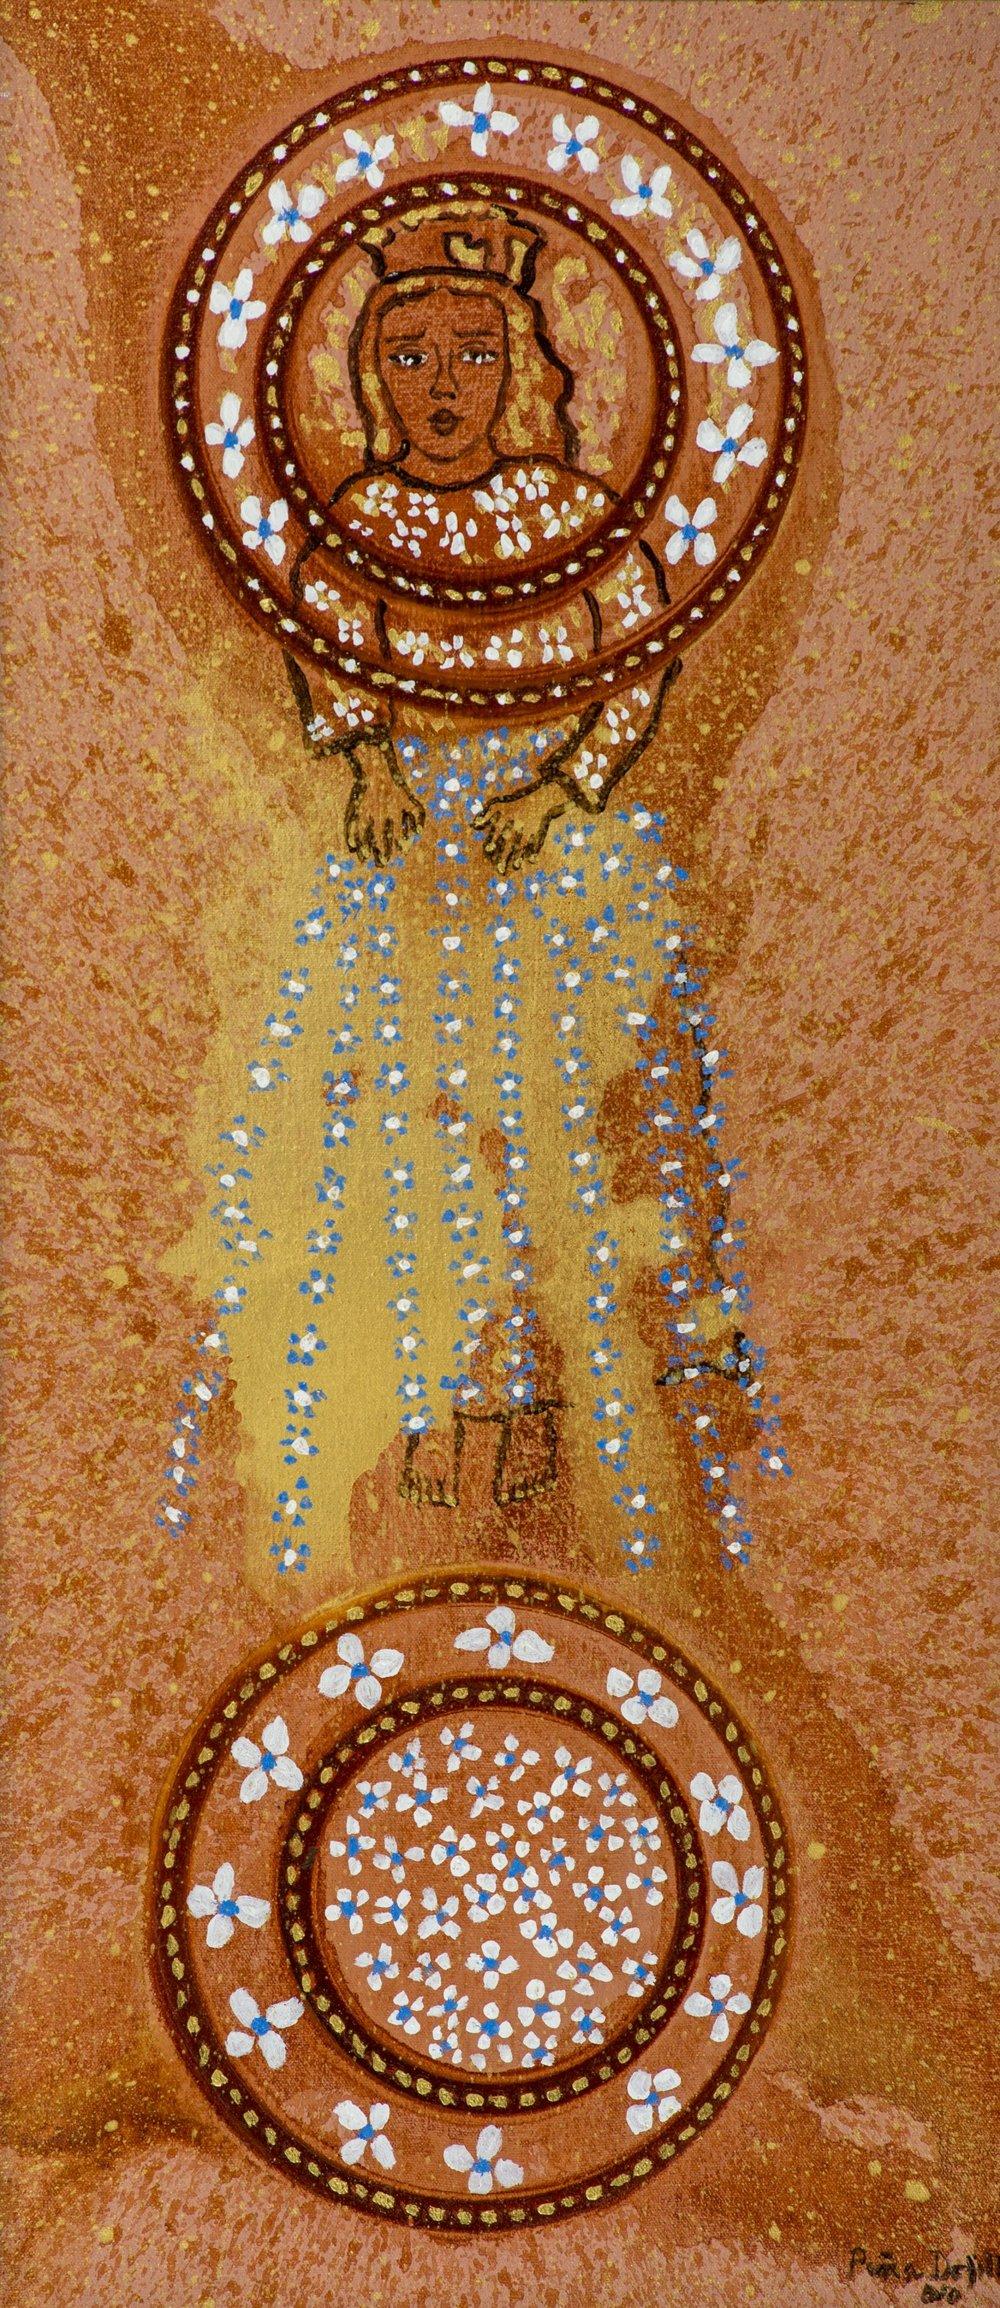 Virgen niña (2010). Fernando Peña Defilló